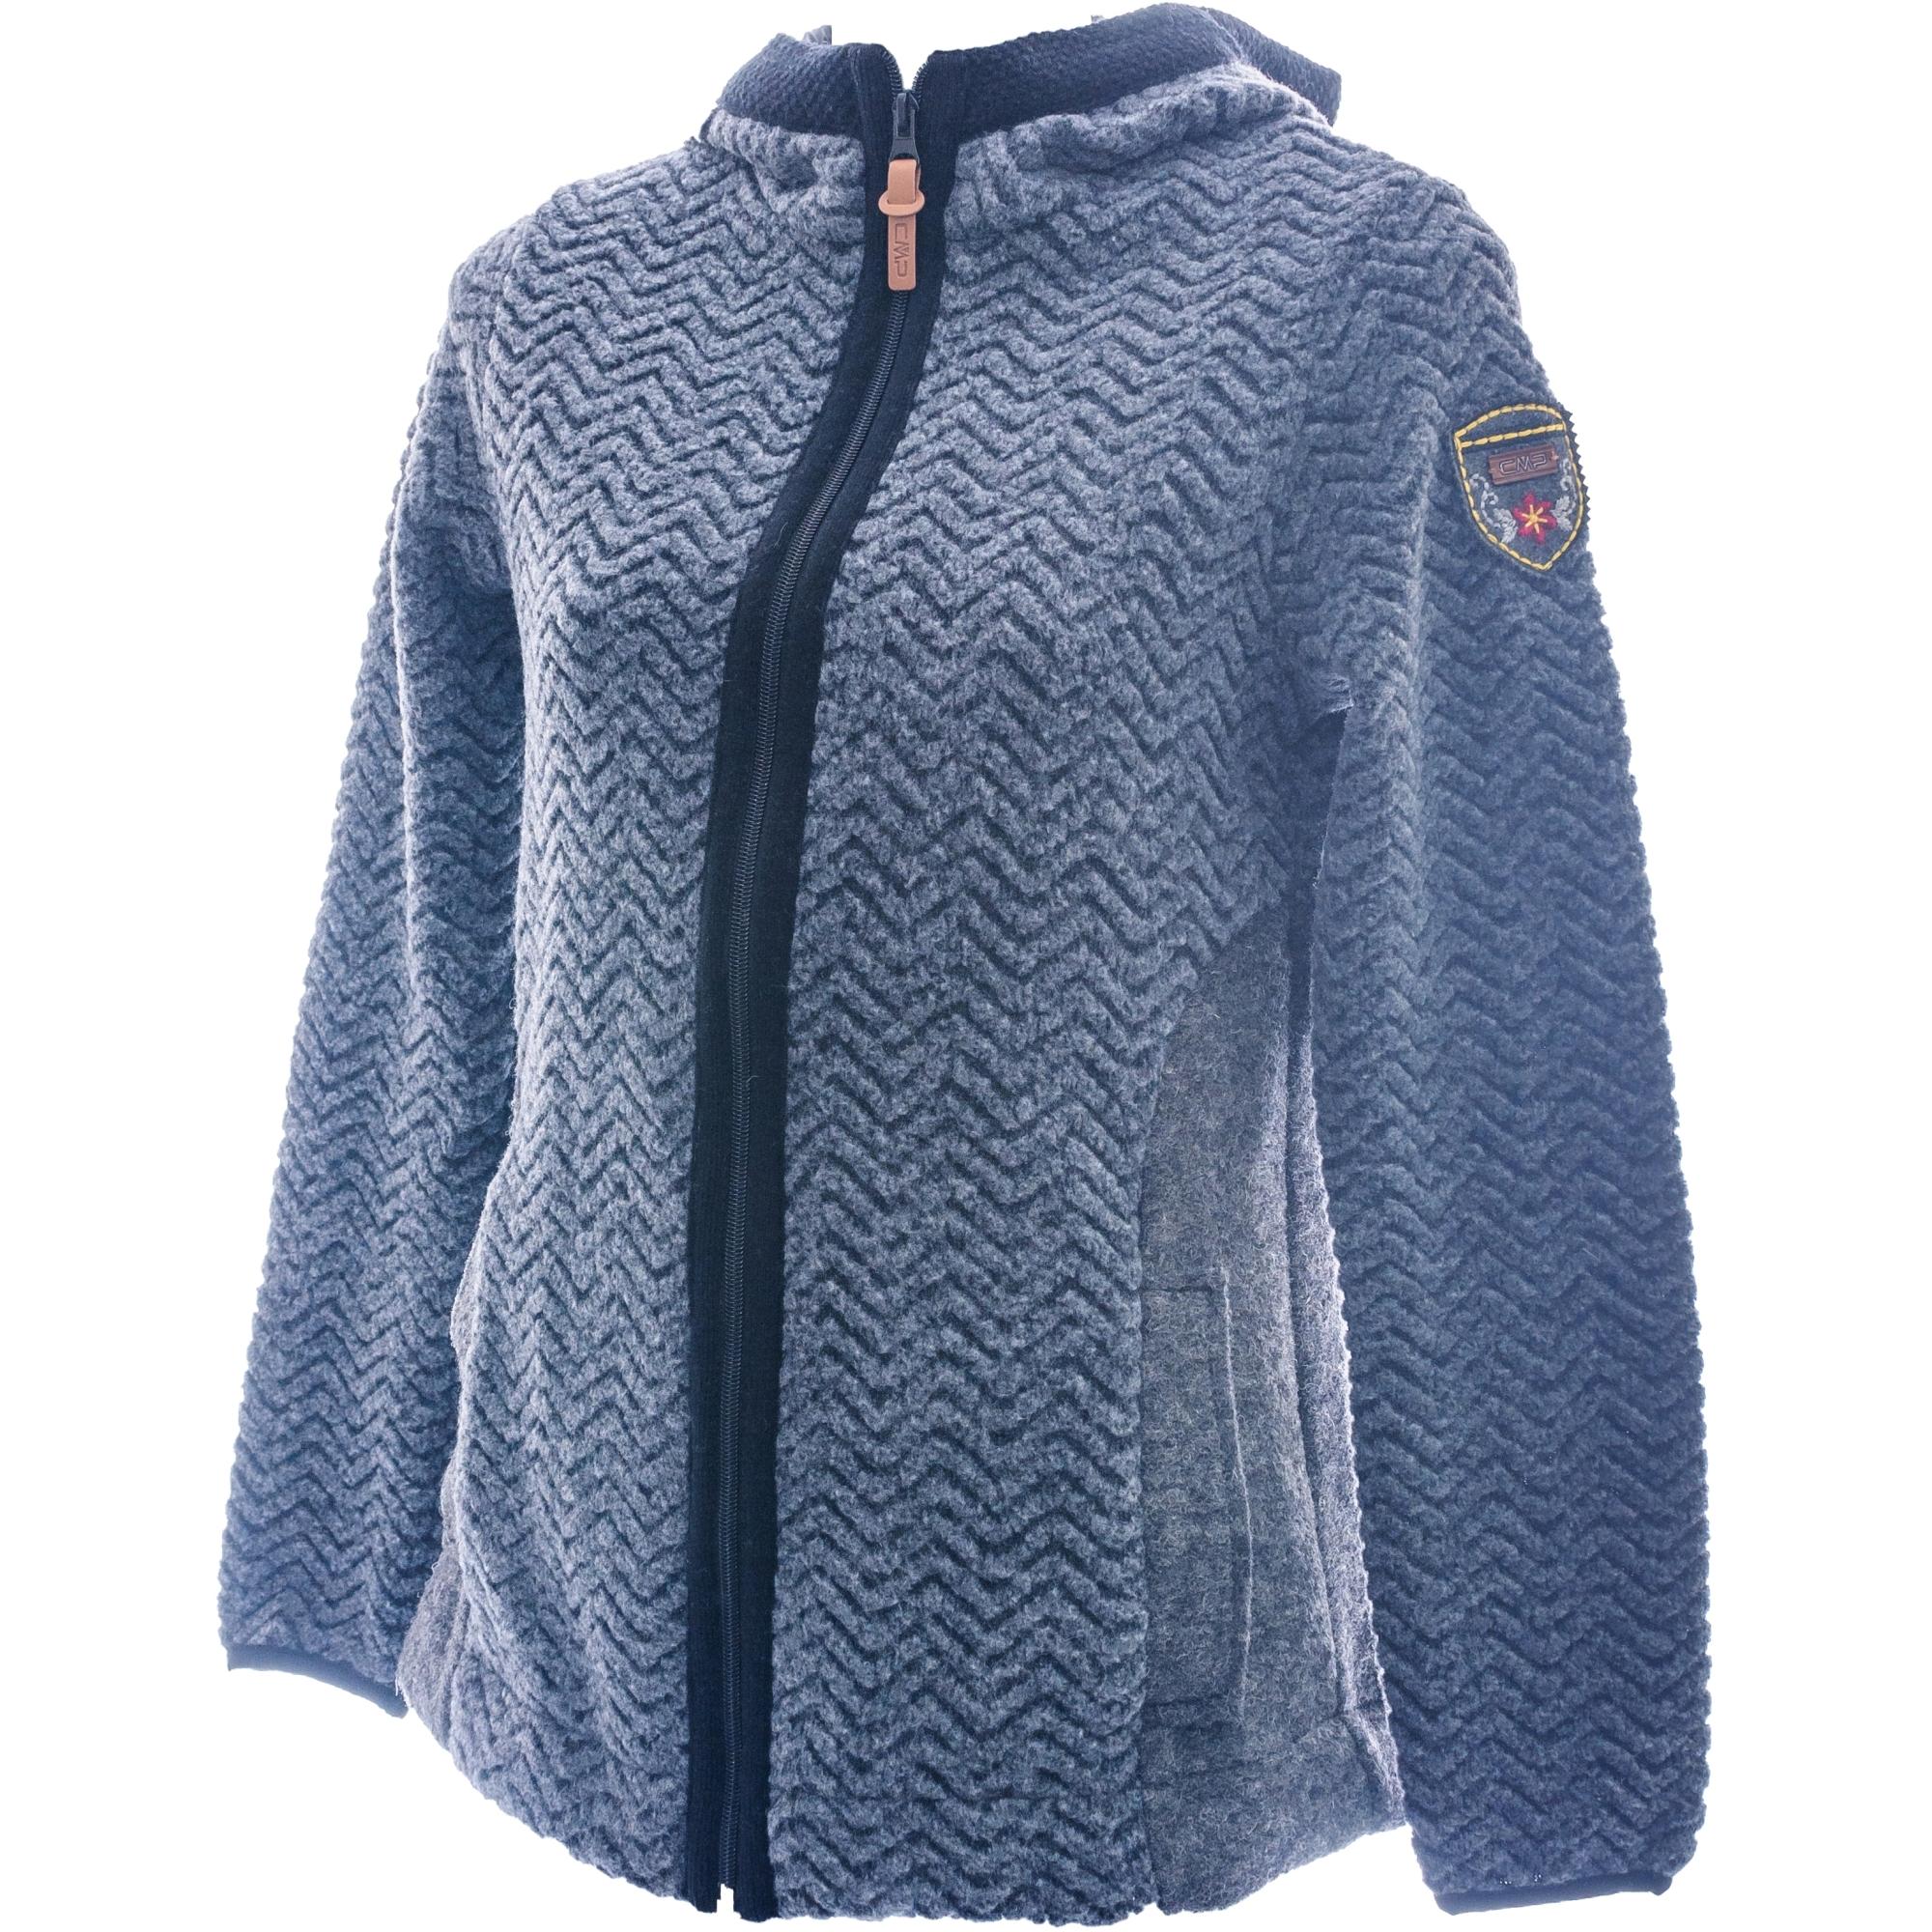 Damen Jacke mit fester Kapuze | Online kaufen bei ZATENO